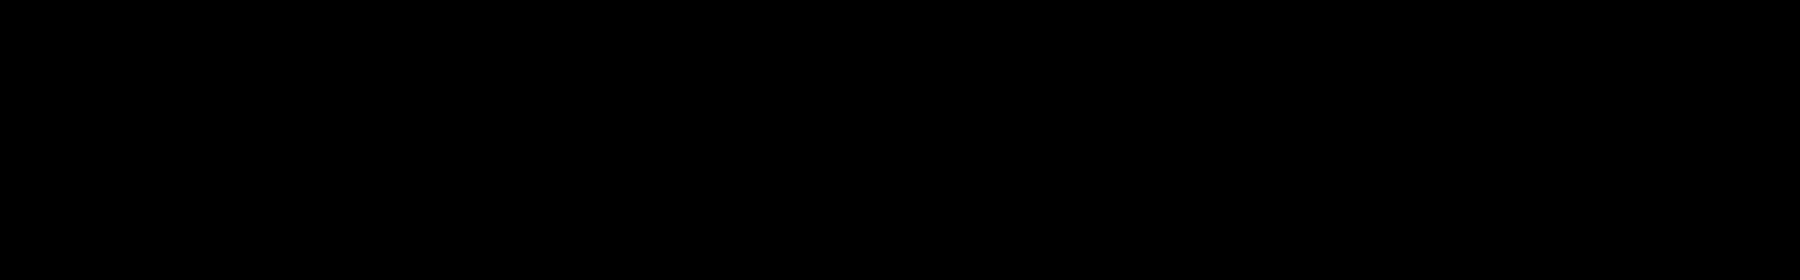 Space Drop audio waveform